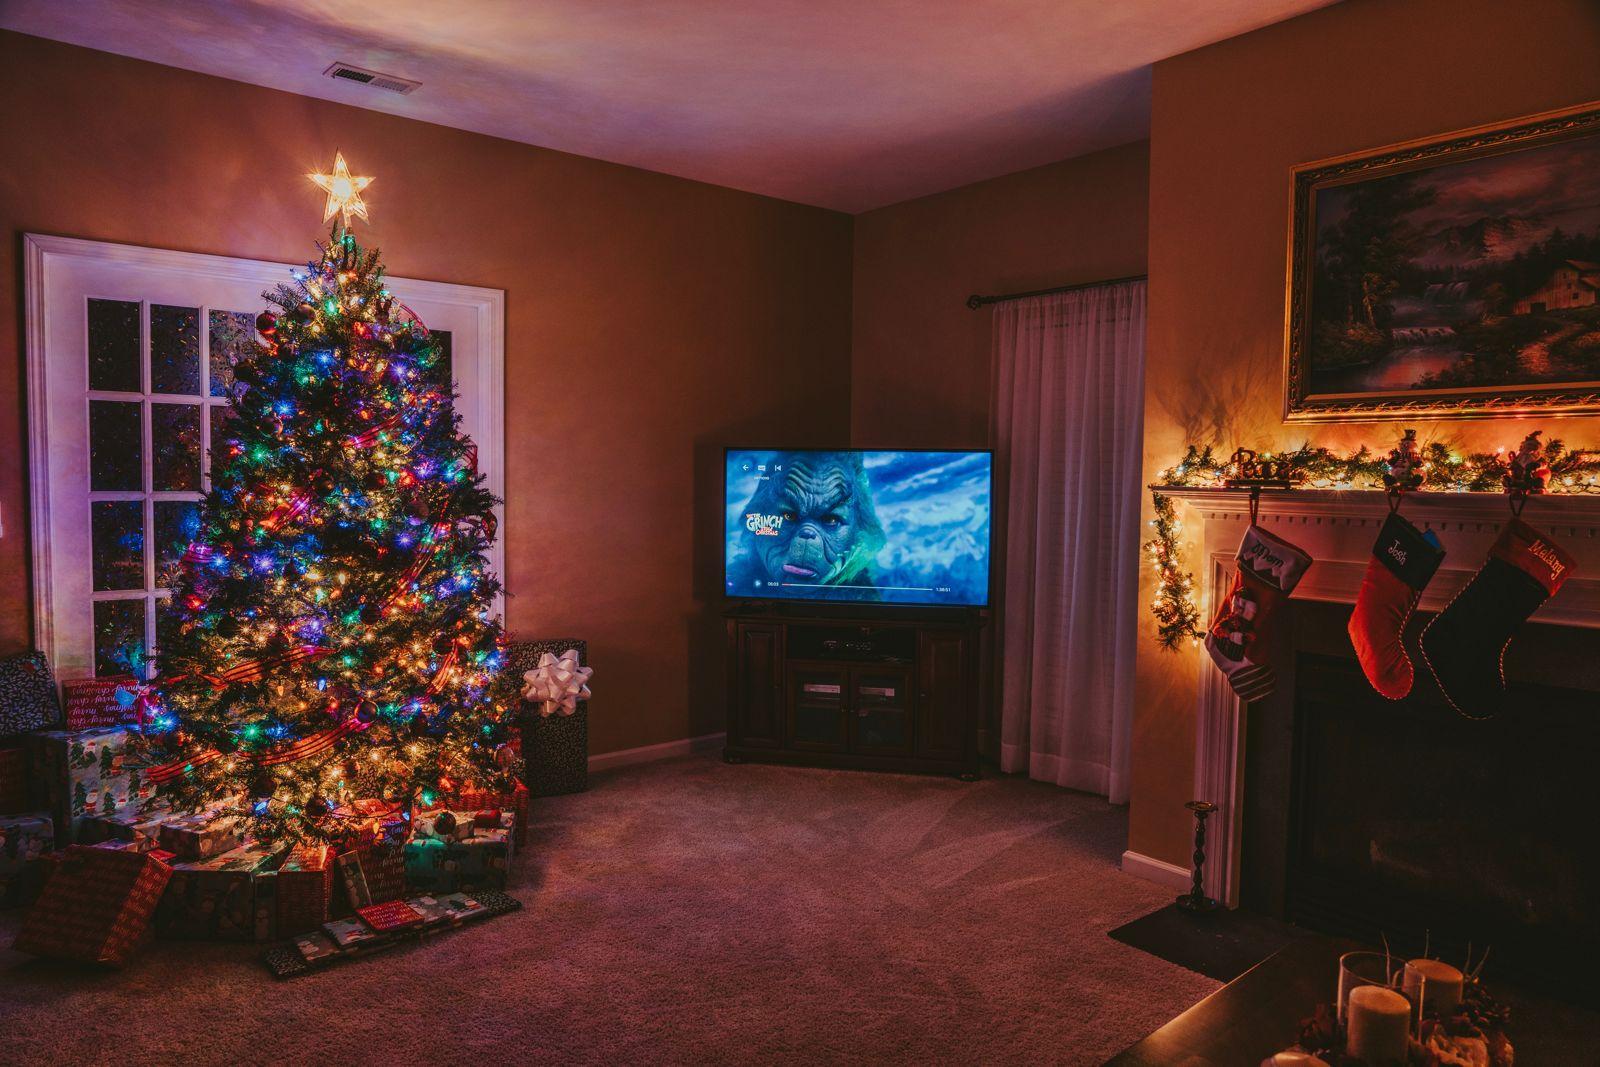 juletræ gaver tv